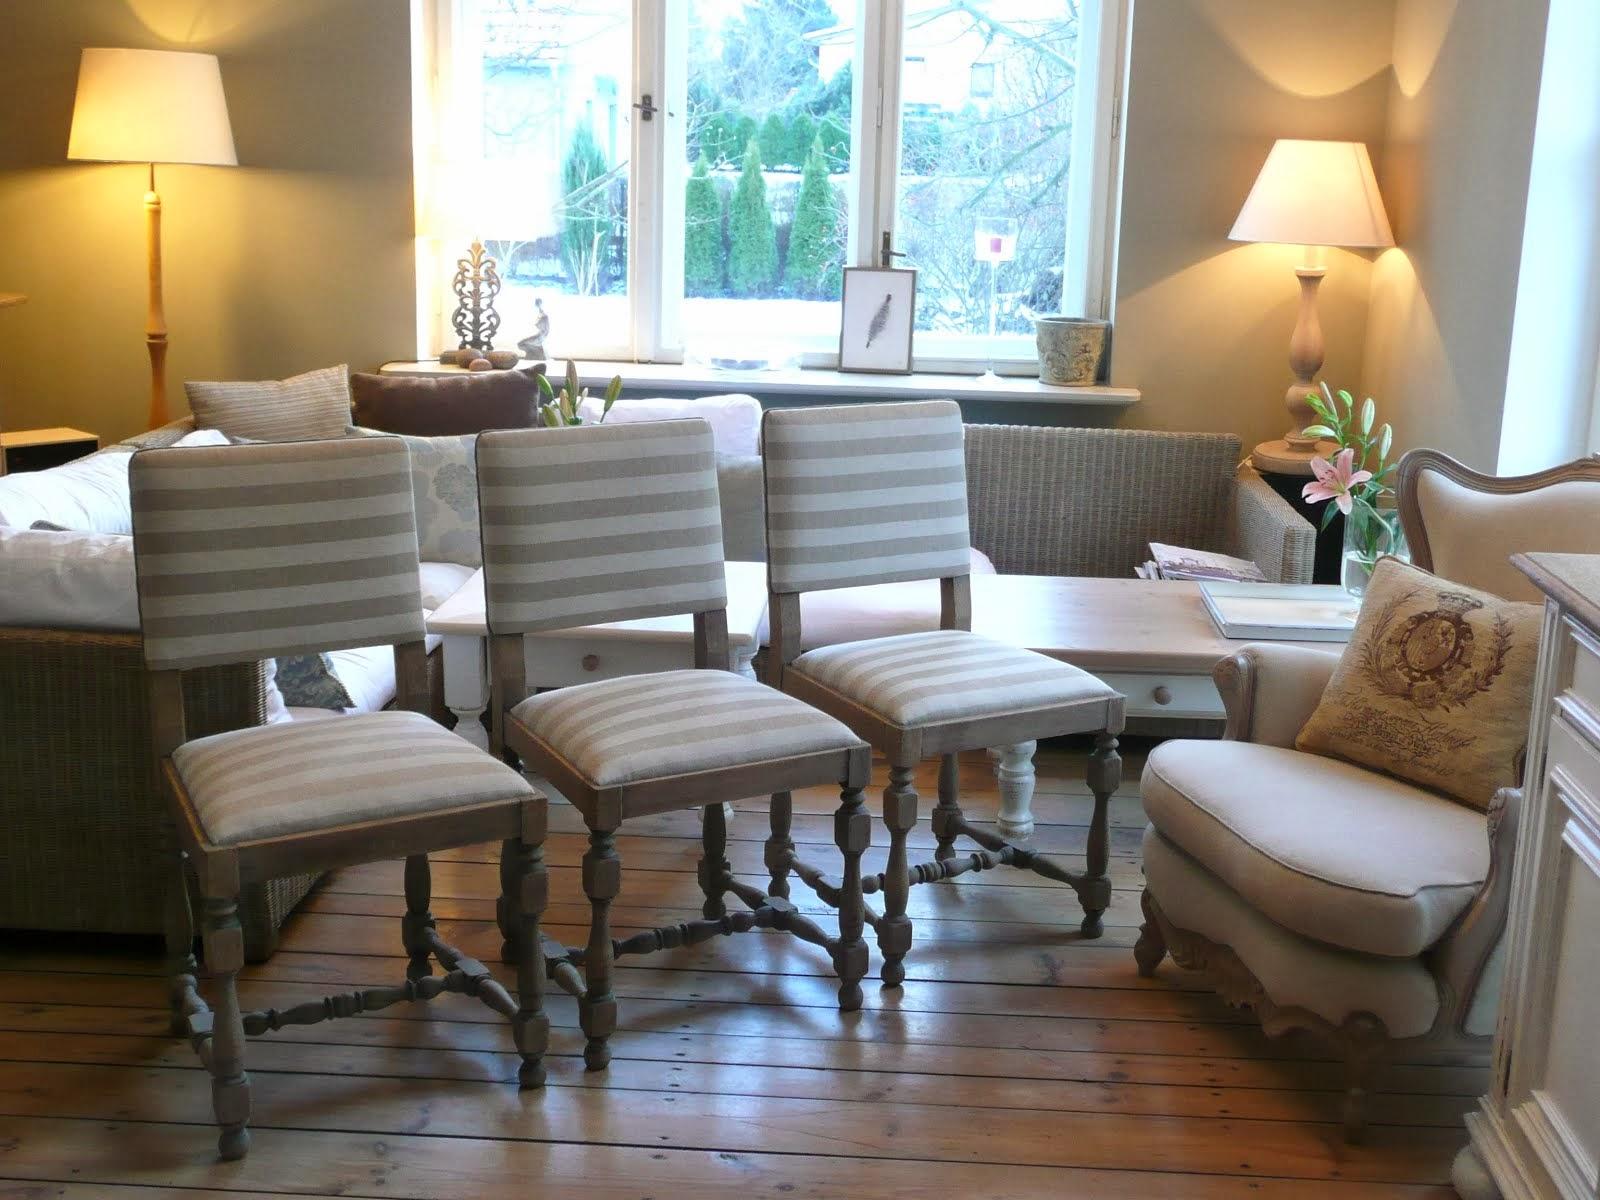 dębowe krzesła ze szczotkowanego drewna lekko poszarzone